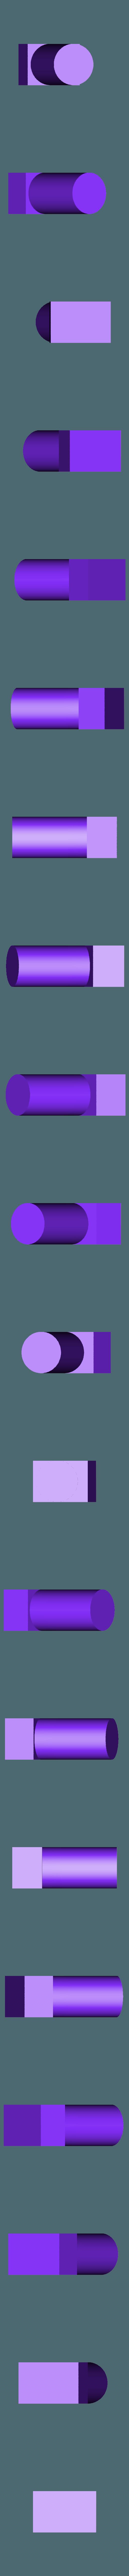 oakley-razrwire-snap.stl Télécharger fichier STL gratuit Oakley razrwire snap - pièce de rechange • Objet pour impression 3D, GreenDot